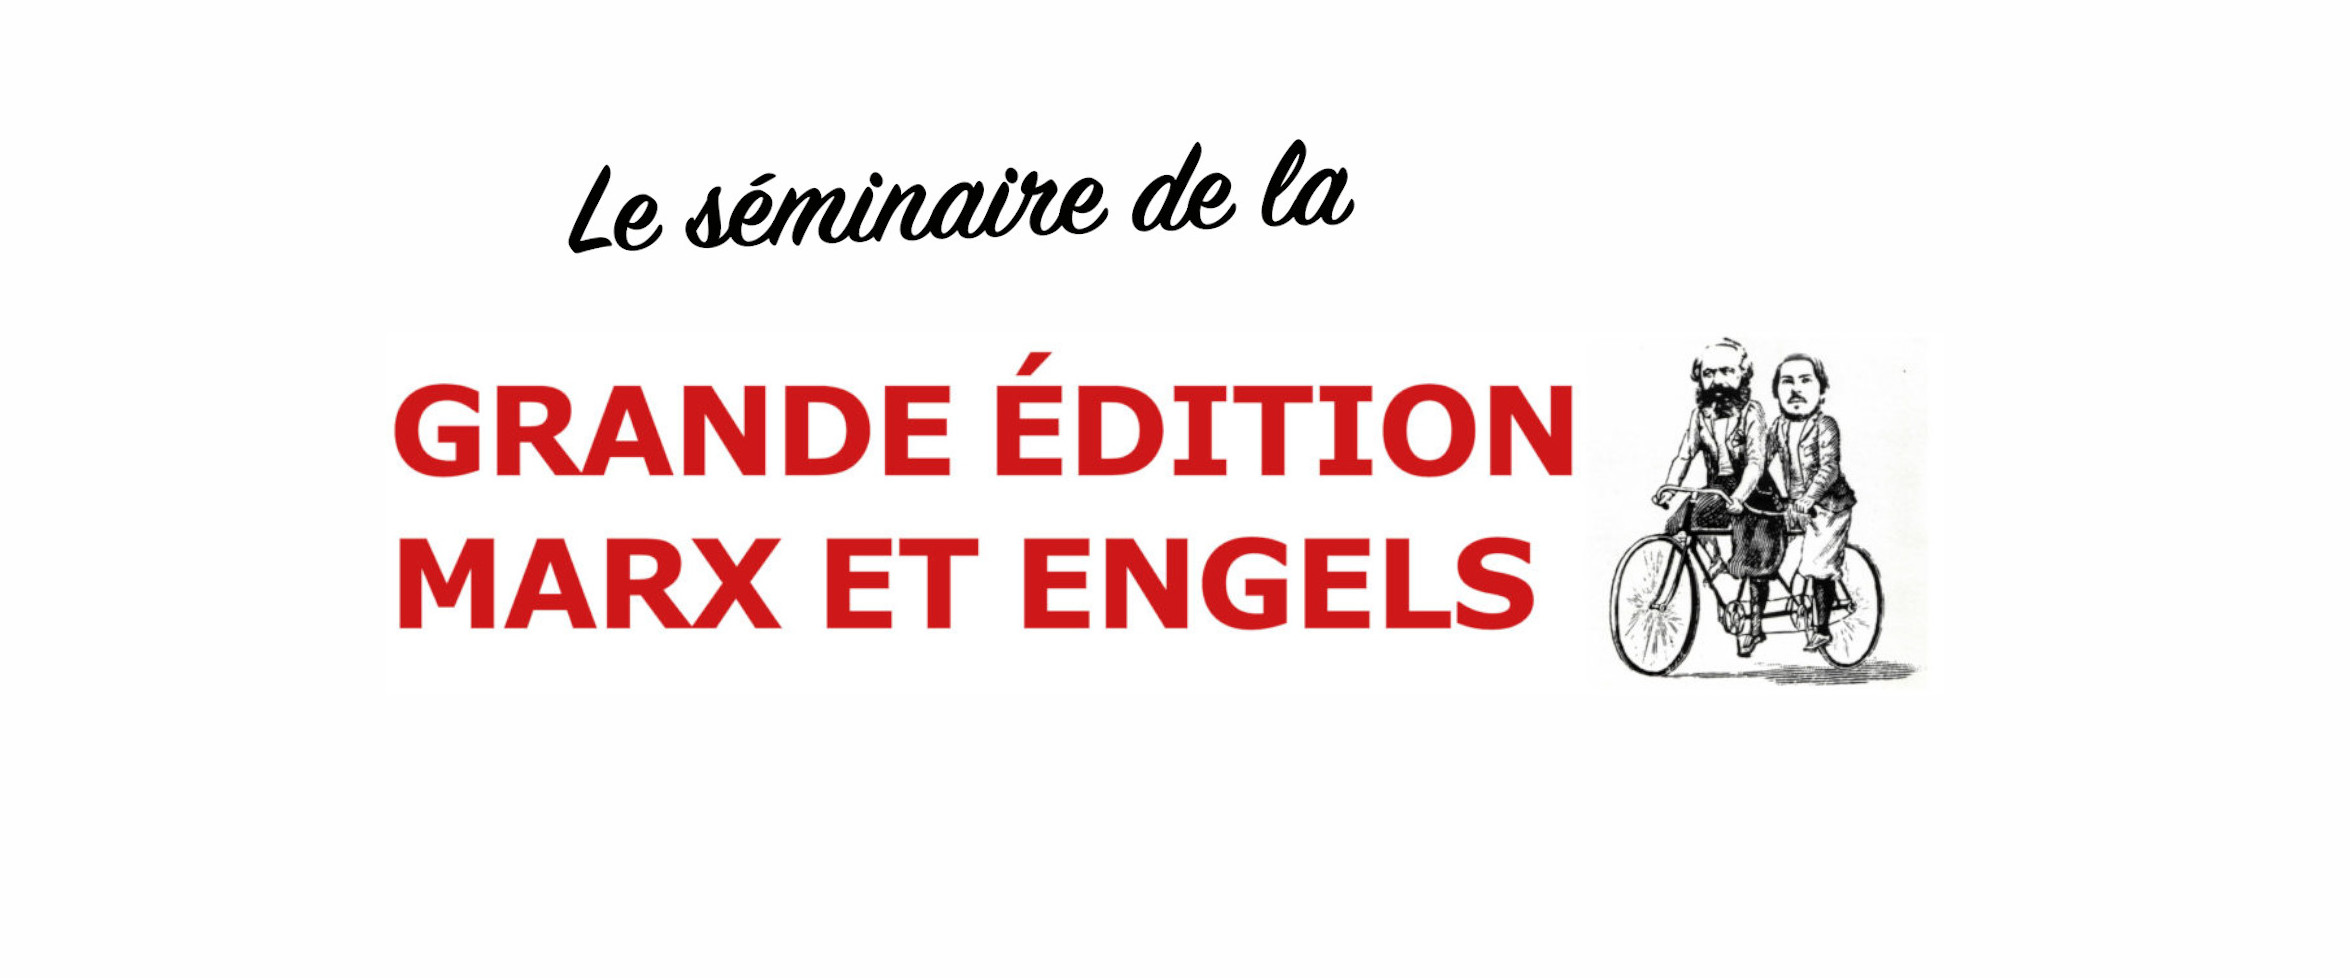 Rencontre Engels, Mardi 29 juin à 20h